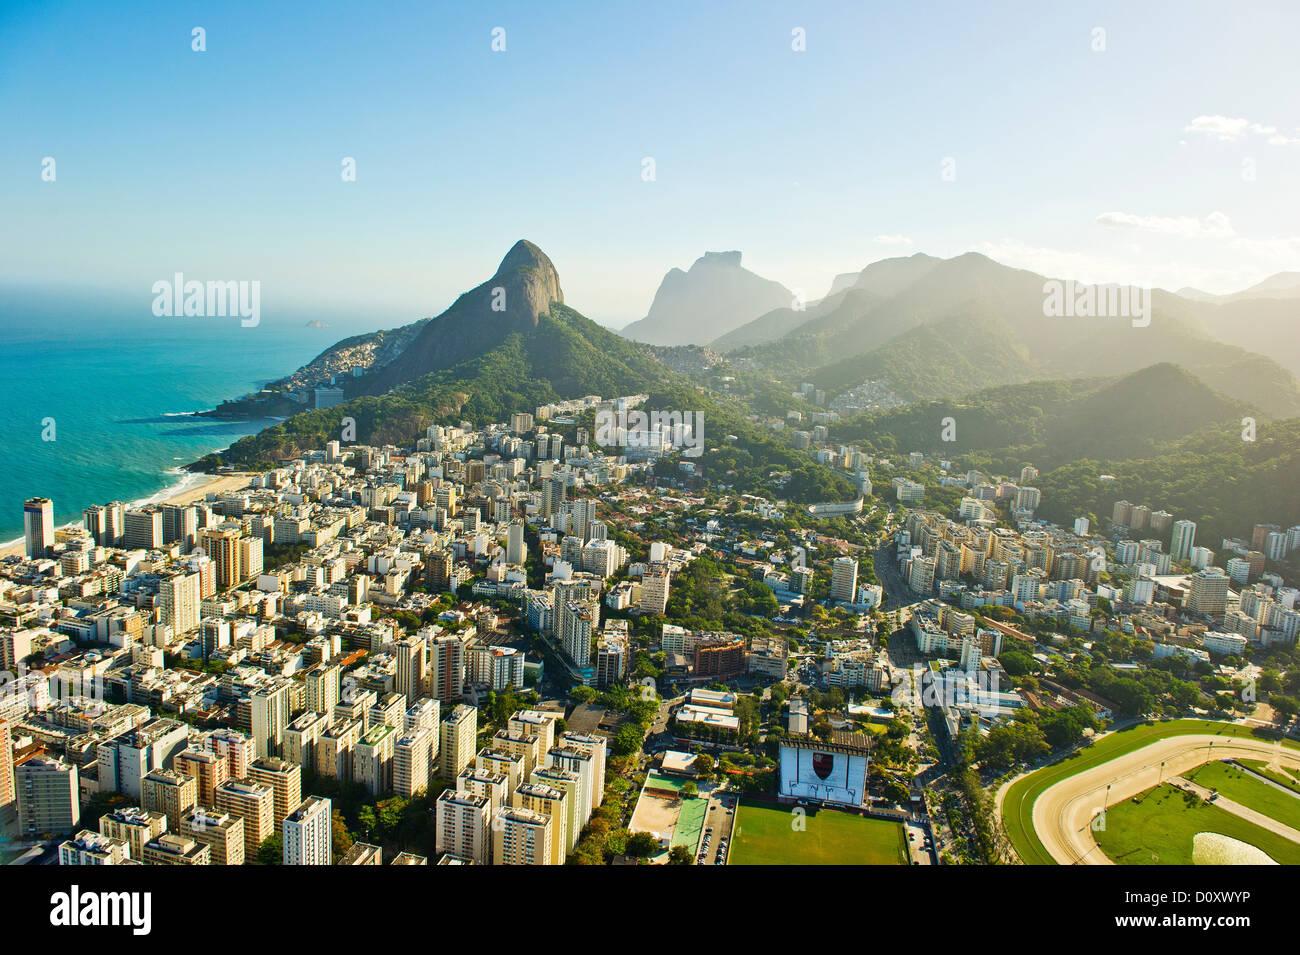 Vista aérea de la Lagoa y Ipanema, Río de Janeiro, Brasil Imagen De Stock